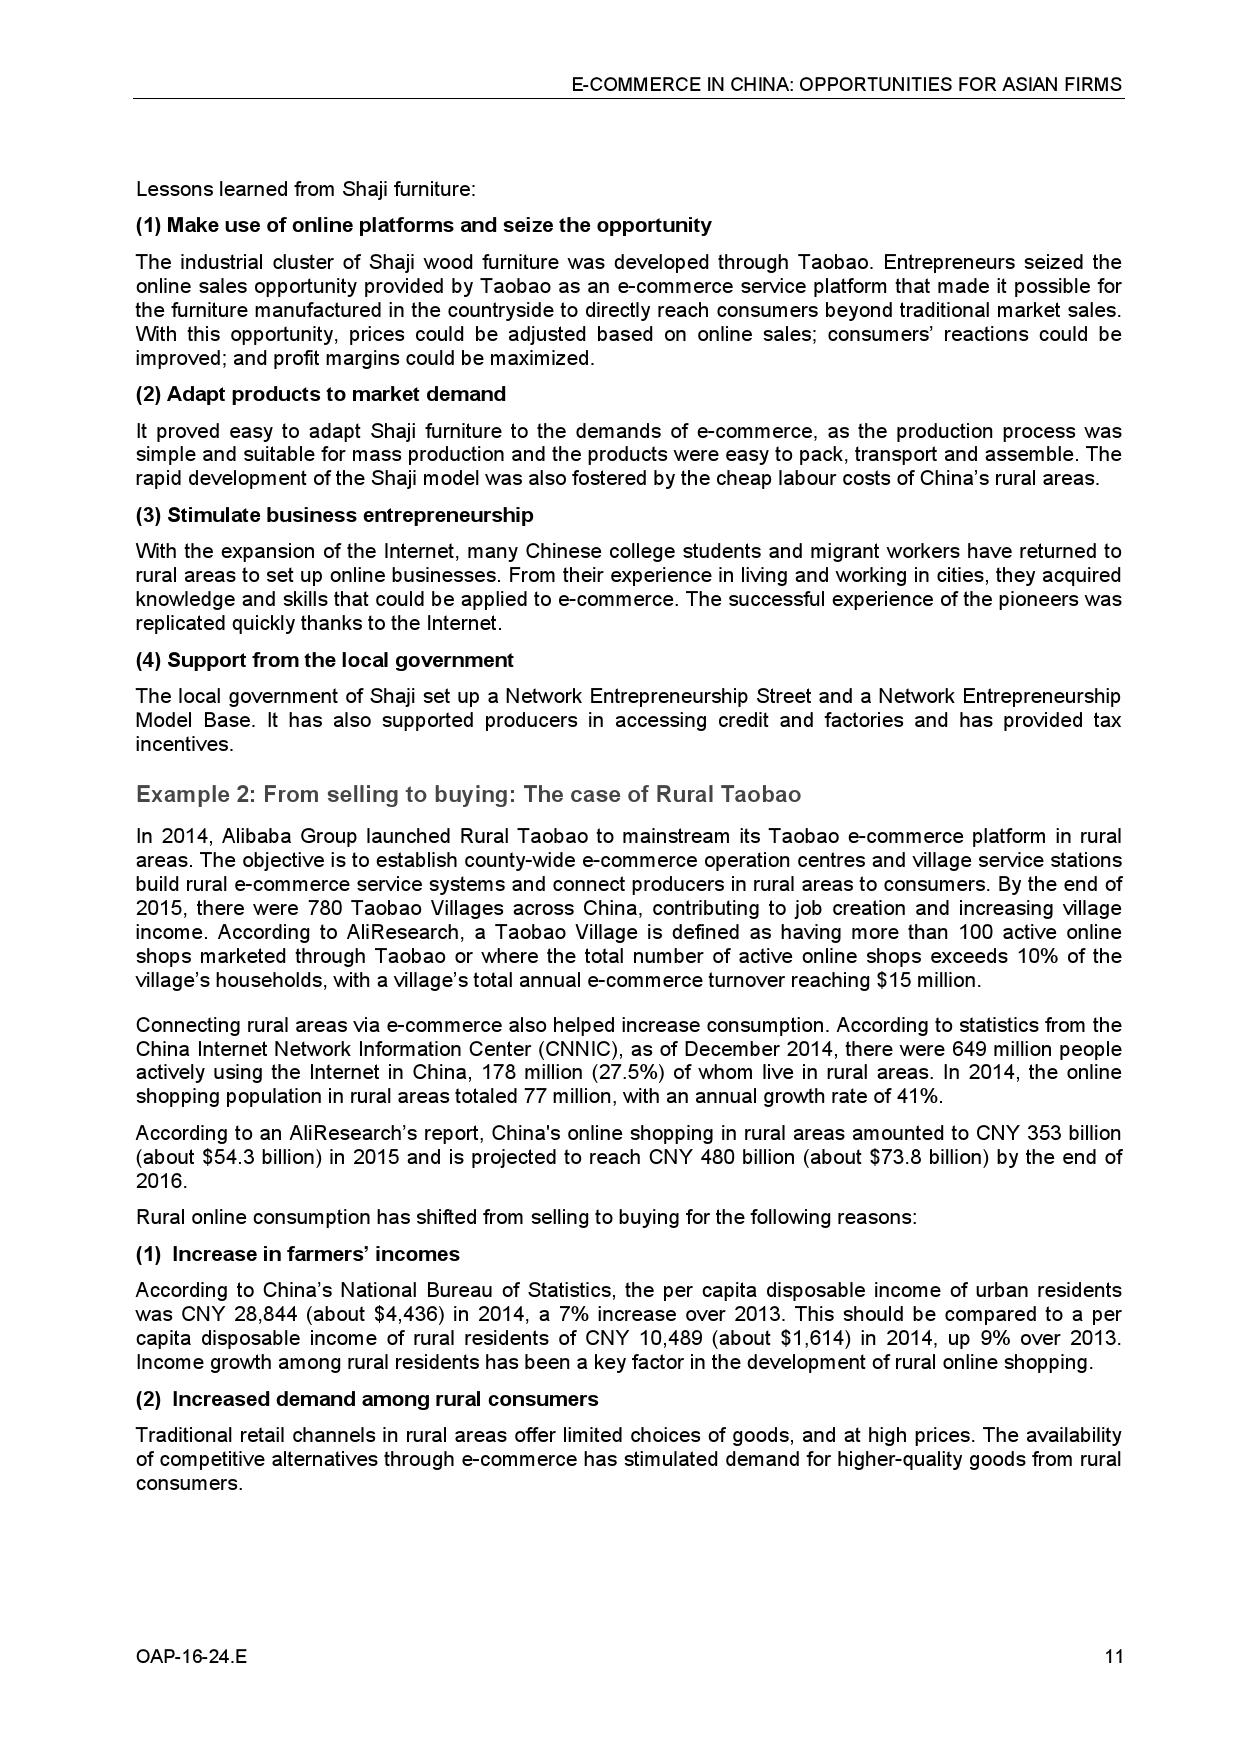 中国电子商务:对亚洲企业的机遇_000023